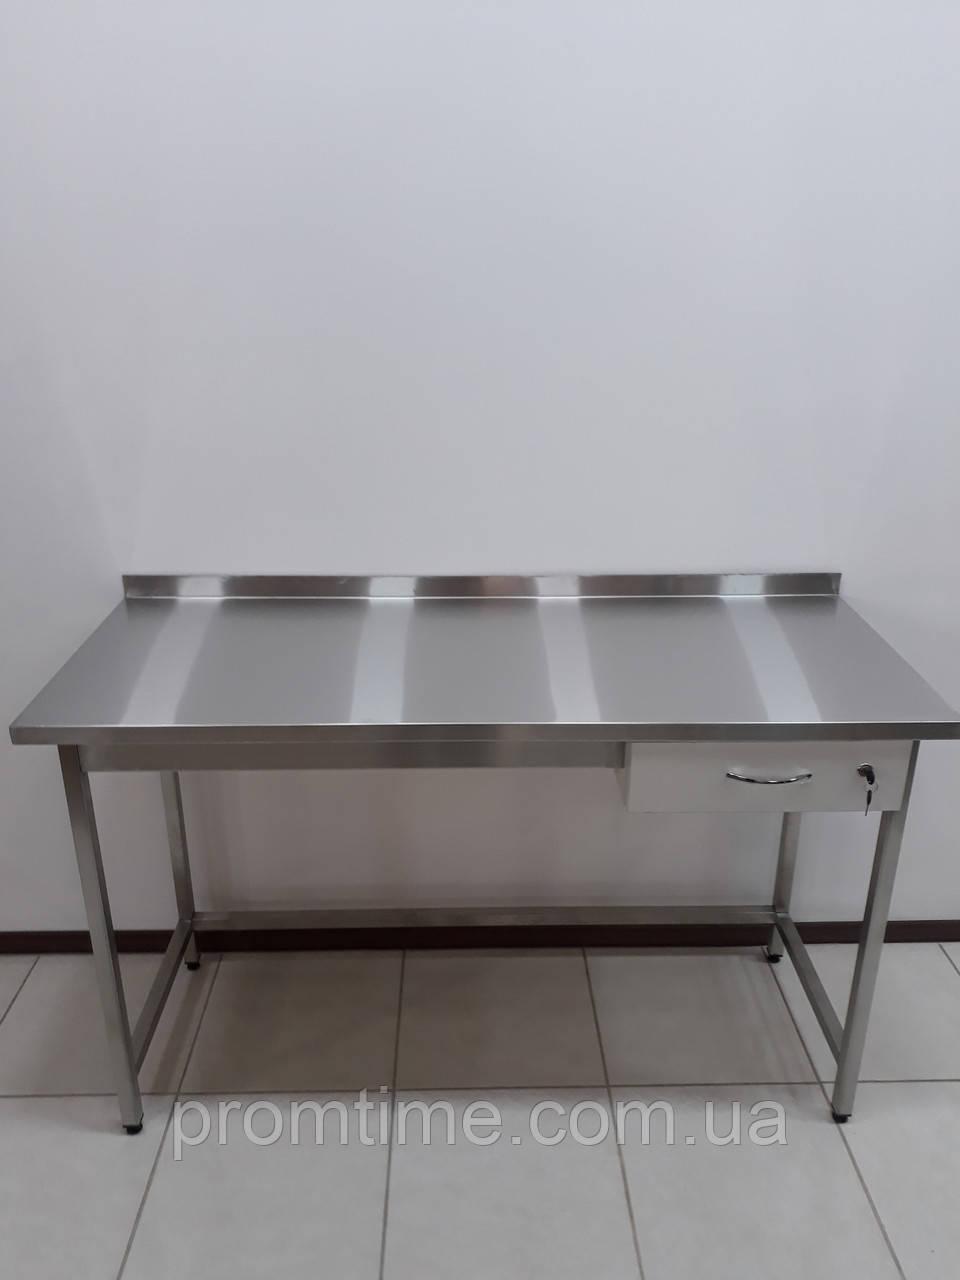 Стол производственный из нержавеющей стали с выдвижным ящиком 1500х600х900